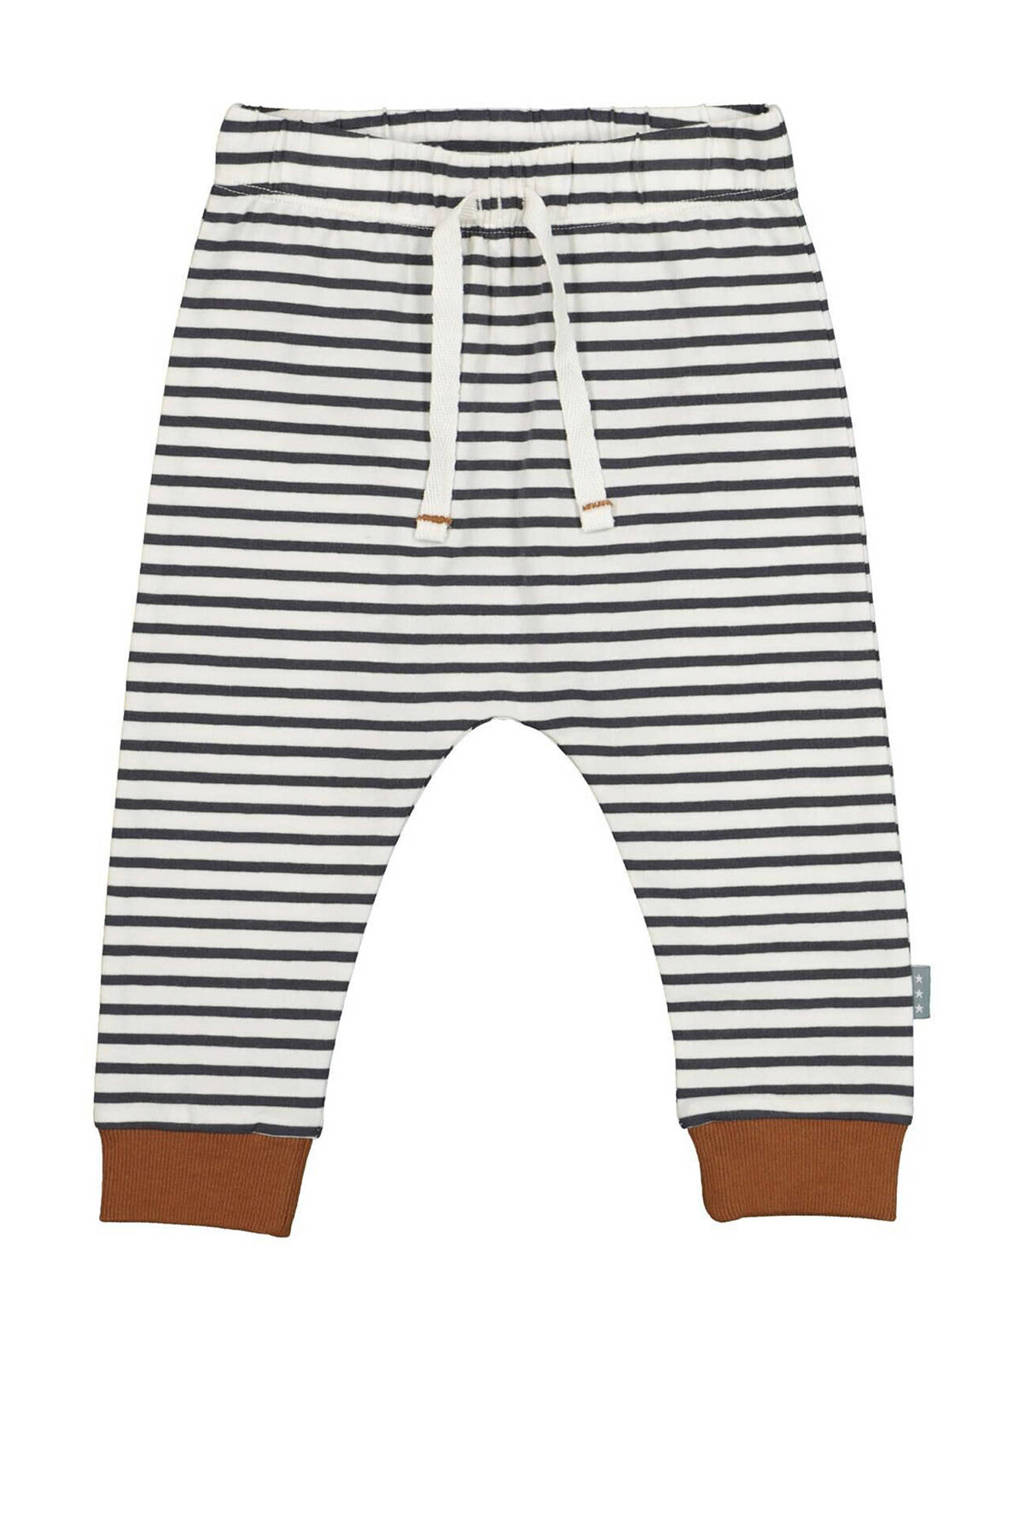 HEMA gestreepte regular fit broek met biologisch katoen donkerblauw/wit, Donkerblauw/wit